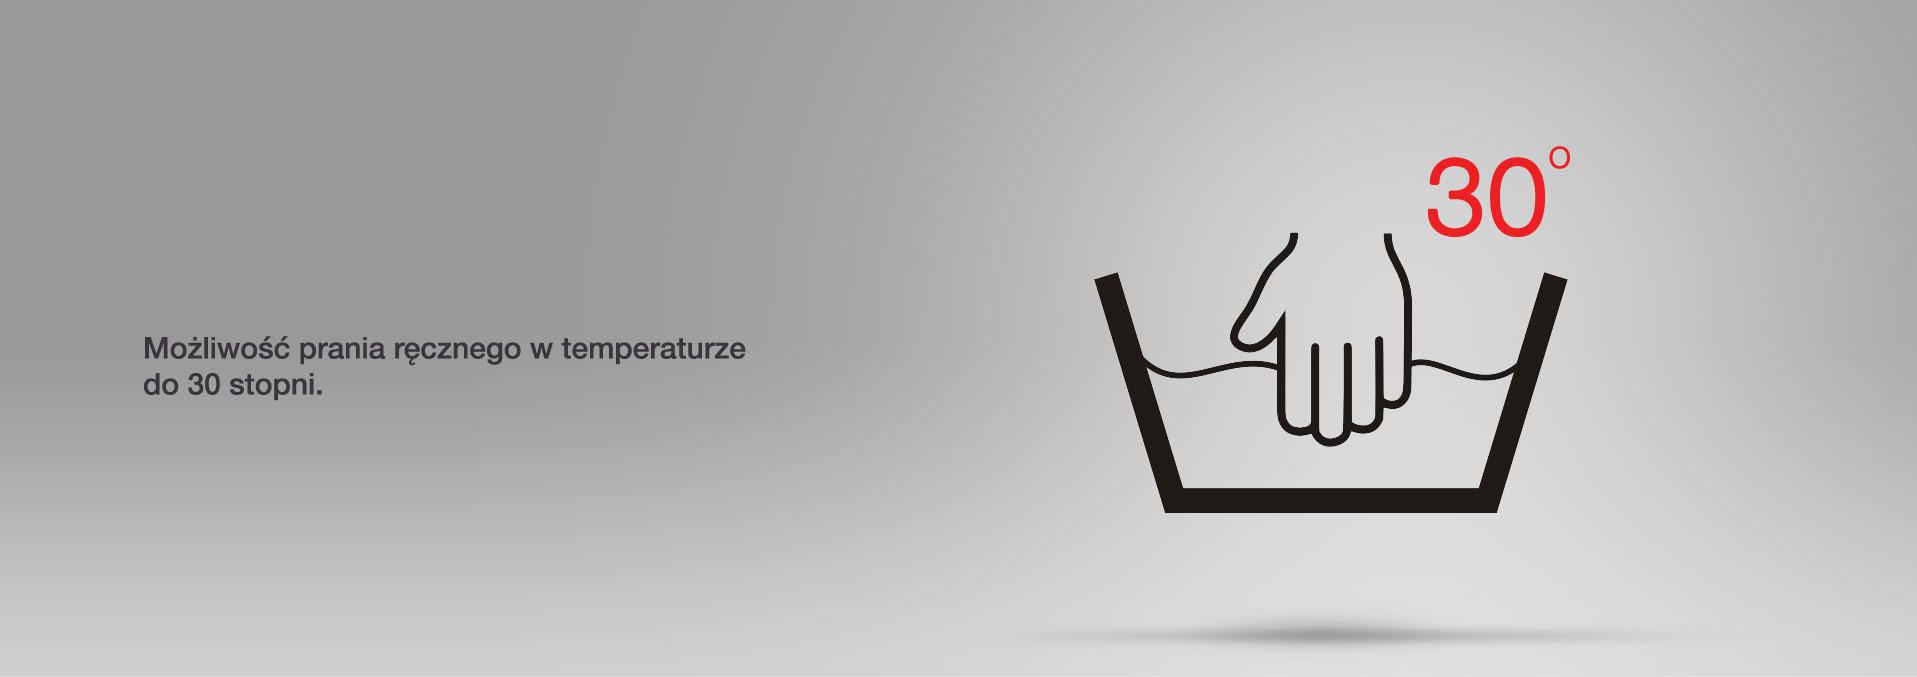 Możliwość prania ręcznego w temperaturze do 30 stopni.